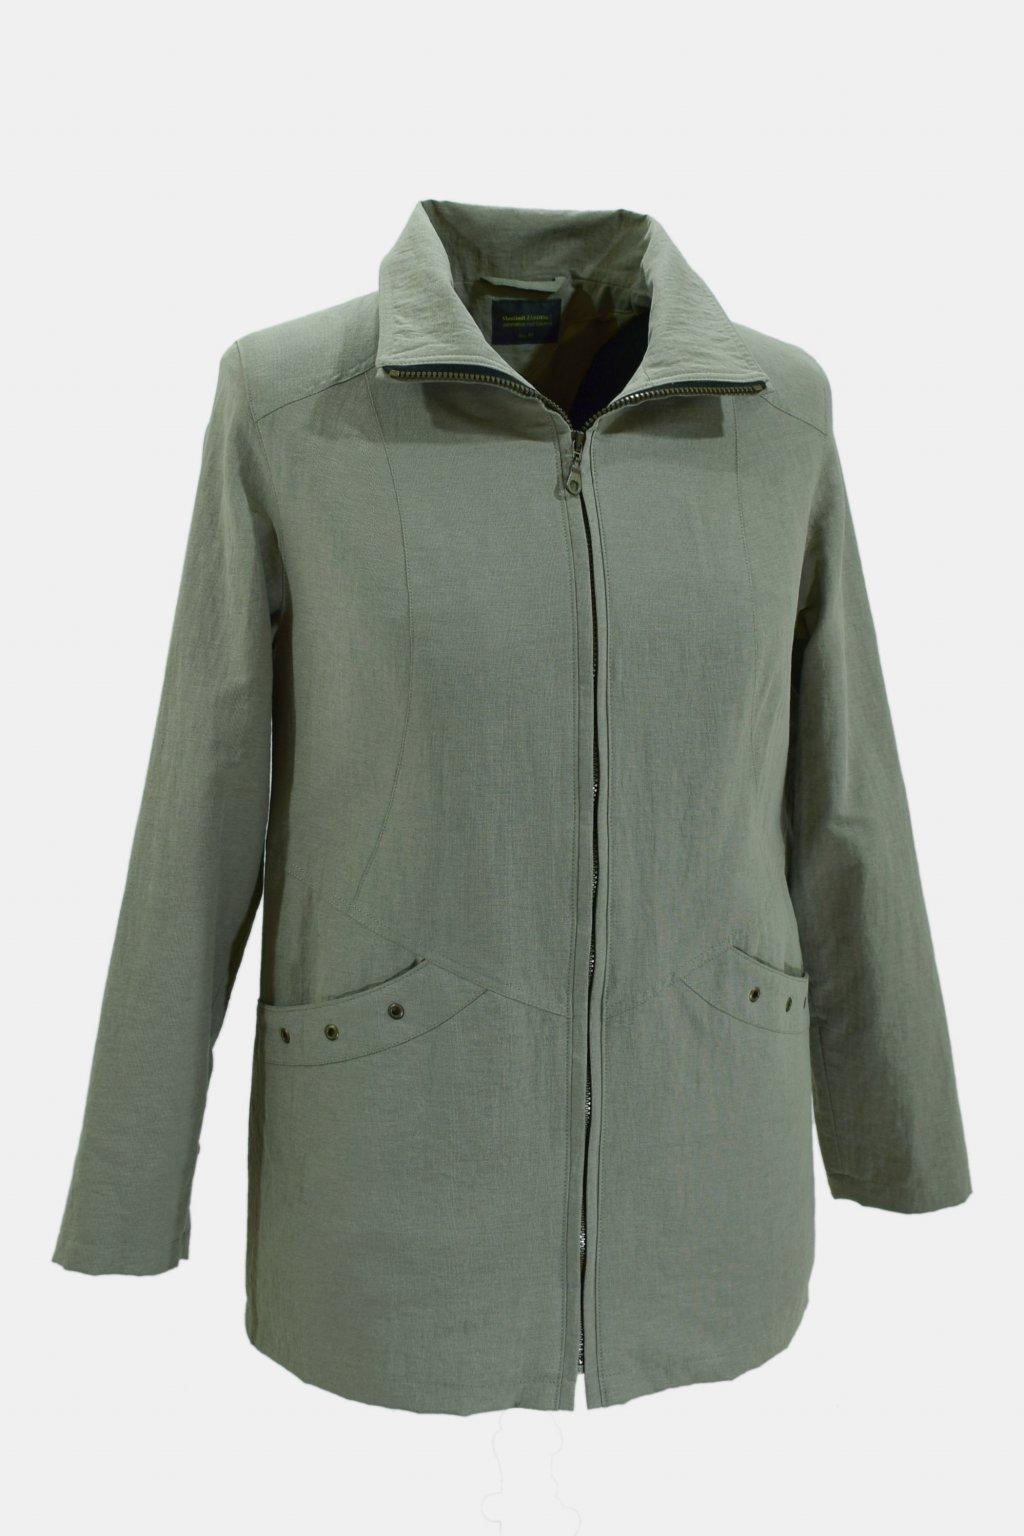 Dámská zelená jarní bunda Aranka nadměrné velikosti.